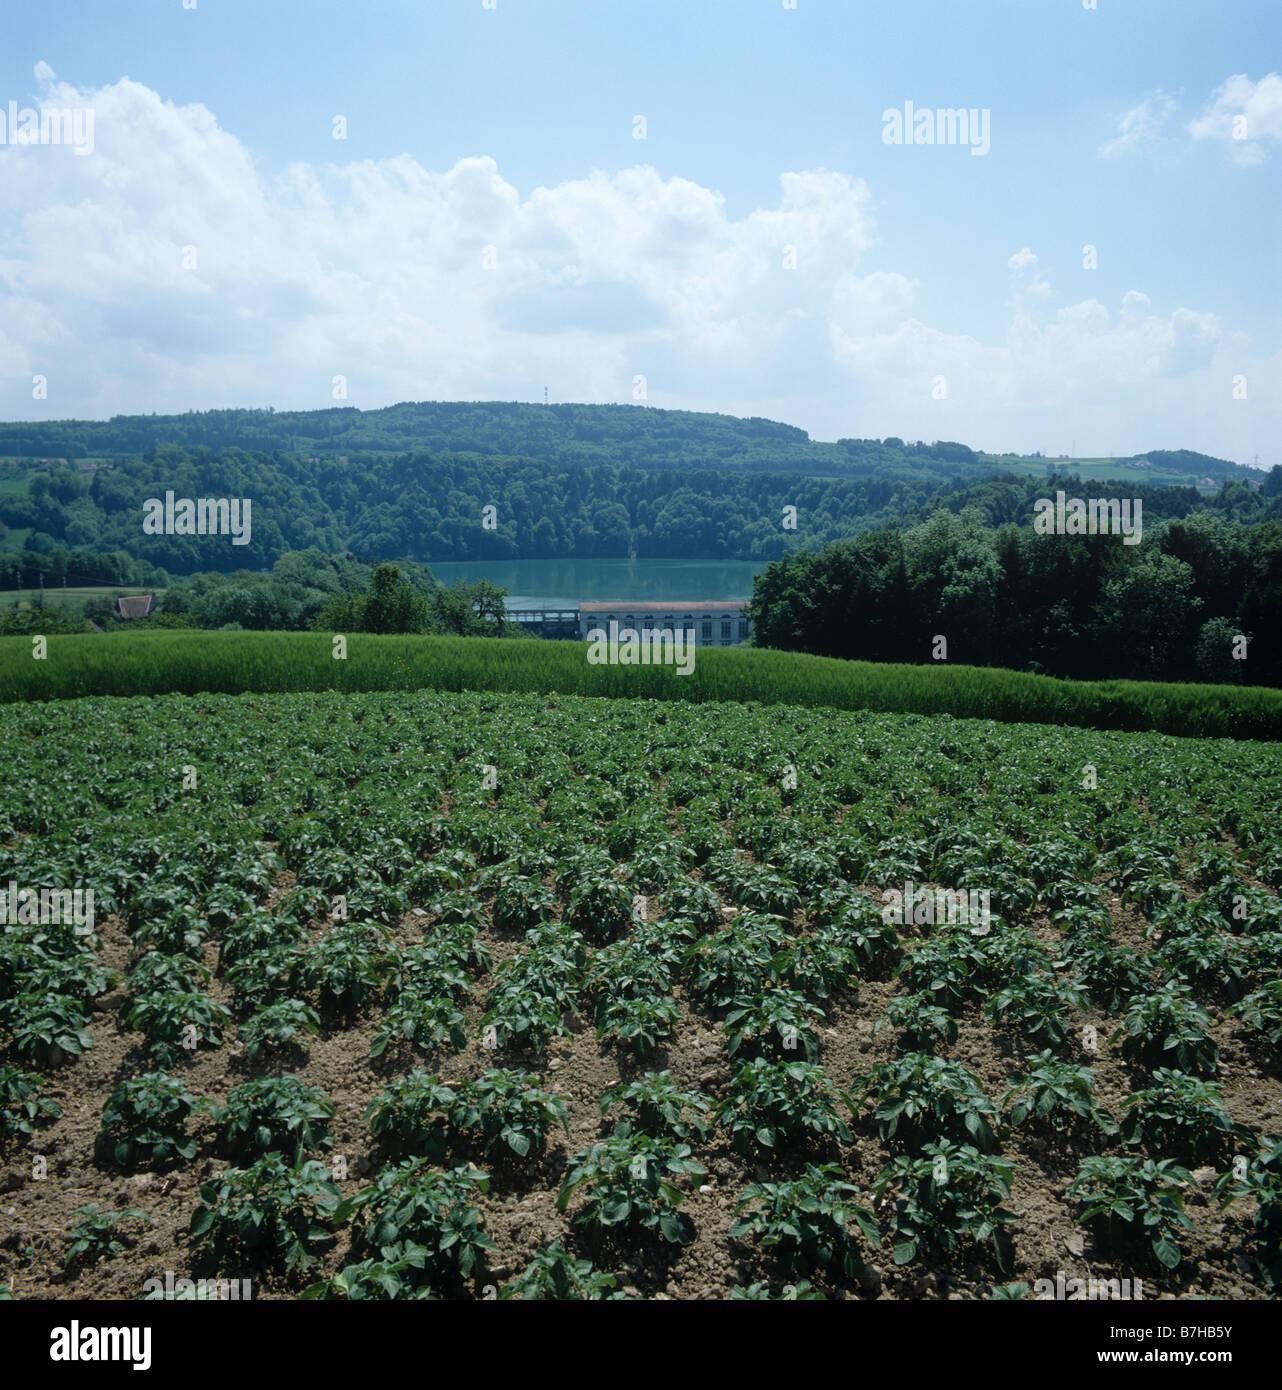 Junge Kartoffelernte in Ackerland rund um einen See der Schweiz Stockbild